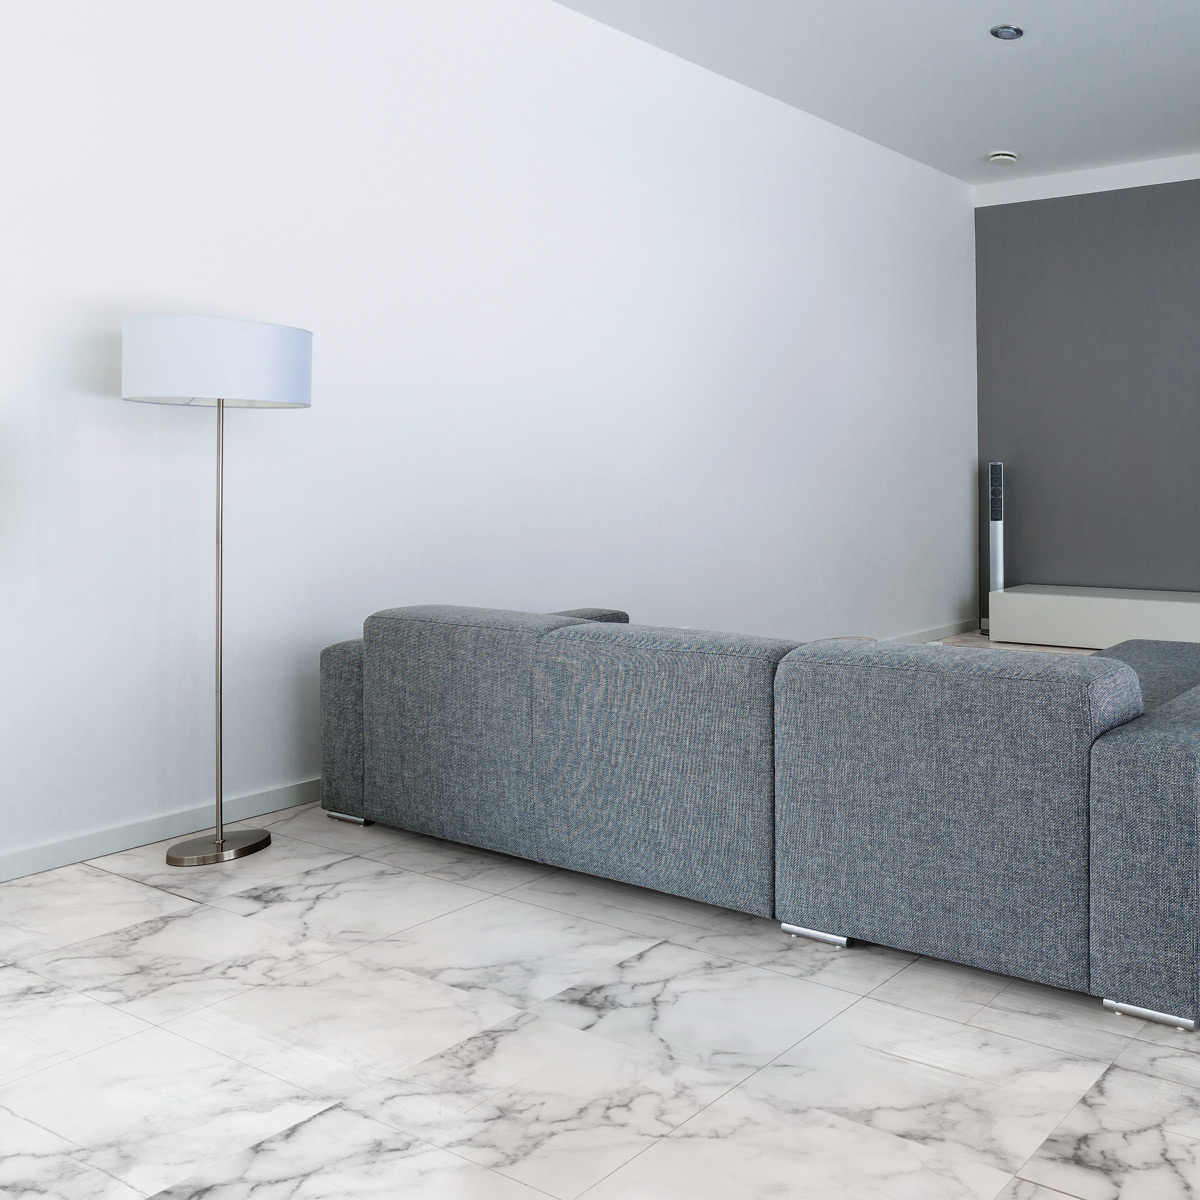 4 stickers sol carreaux de ciment marbre blanc anti-dérapant – SALLE ...